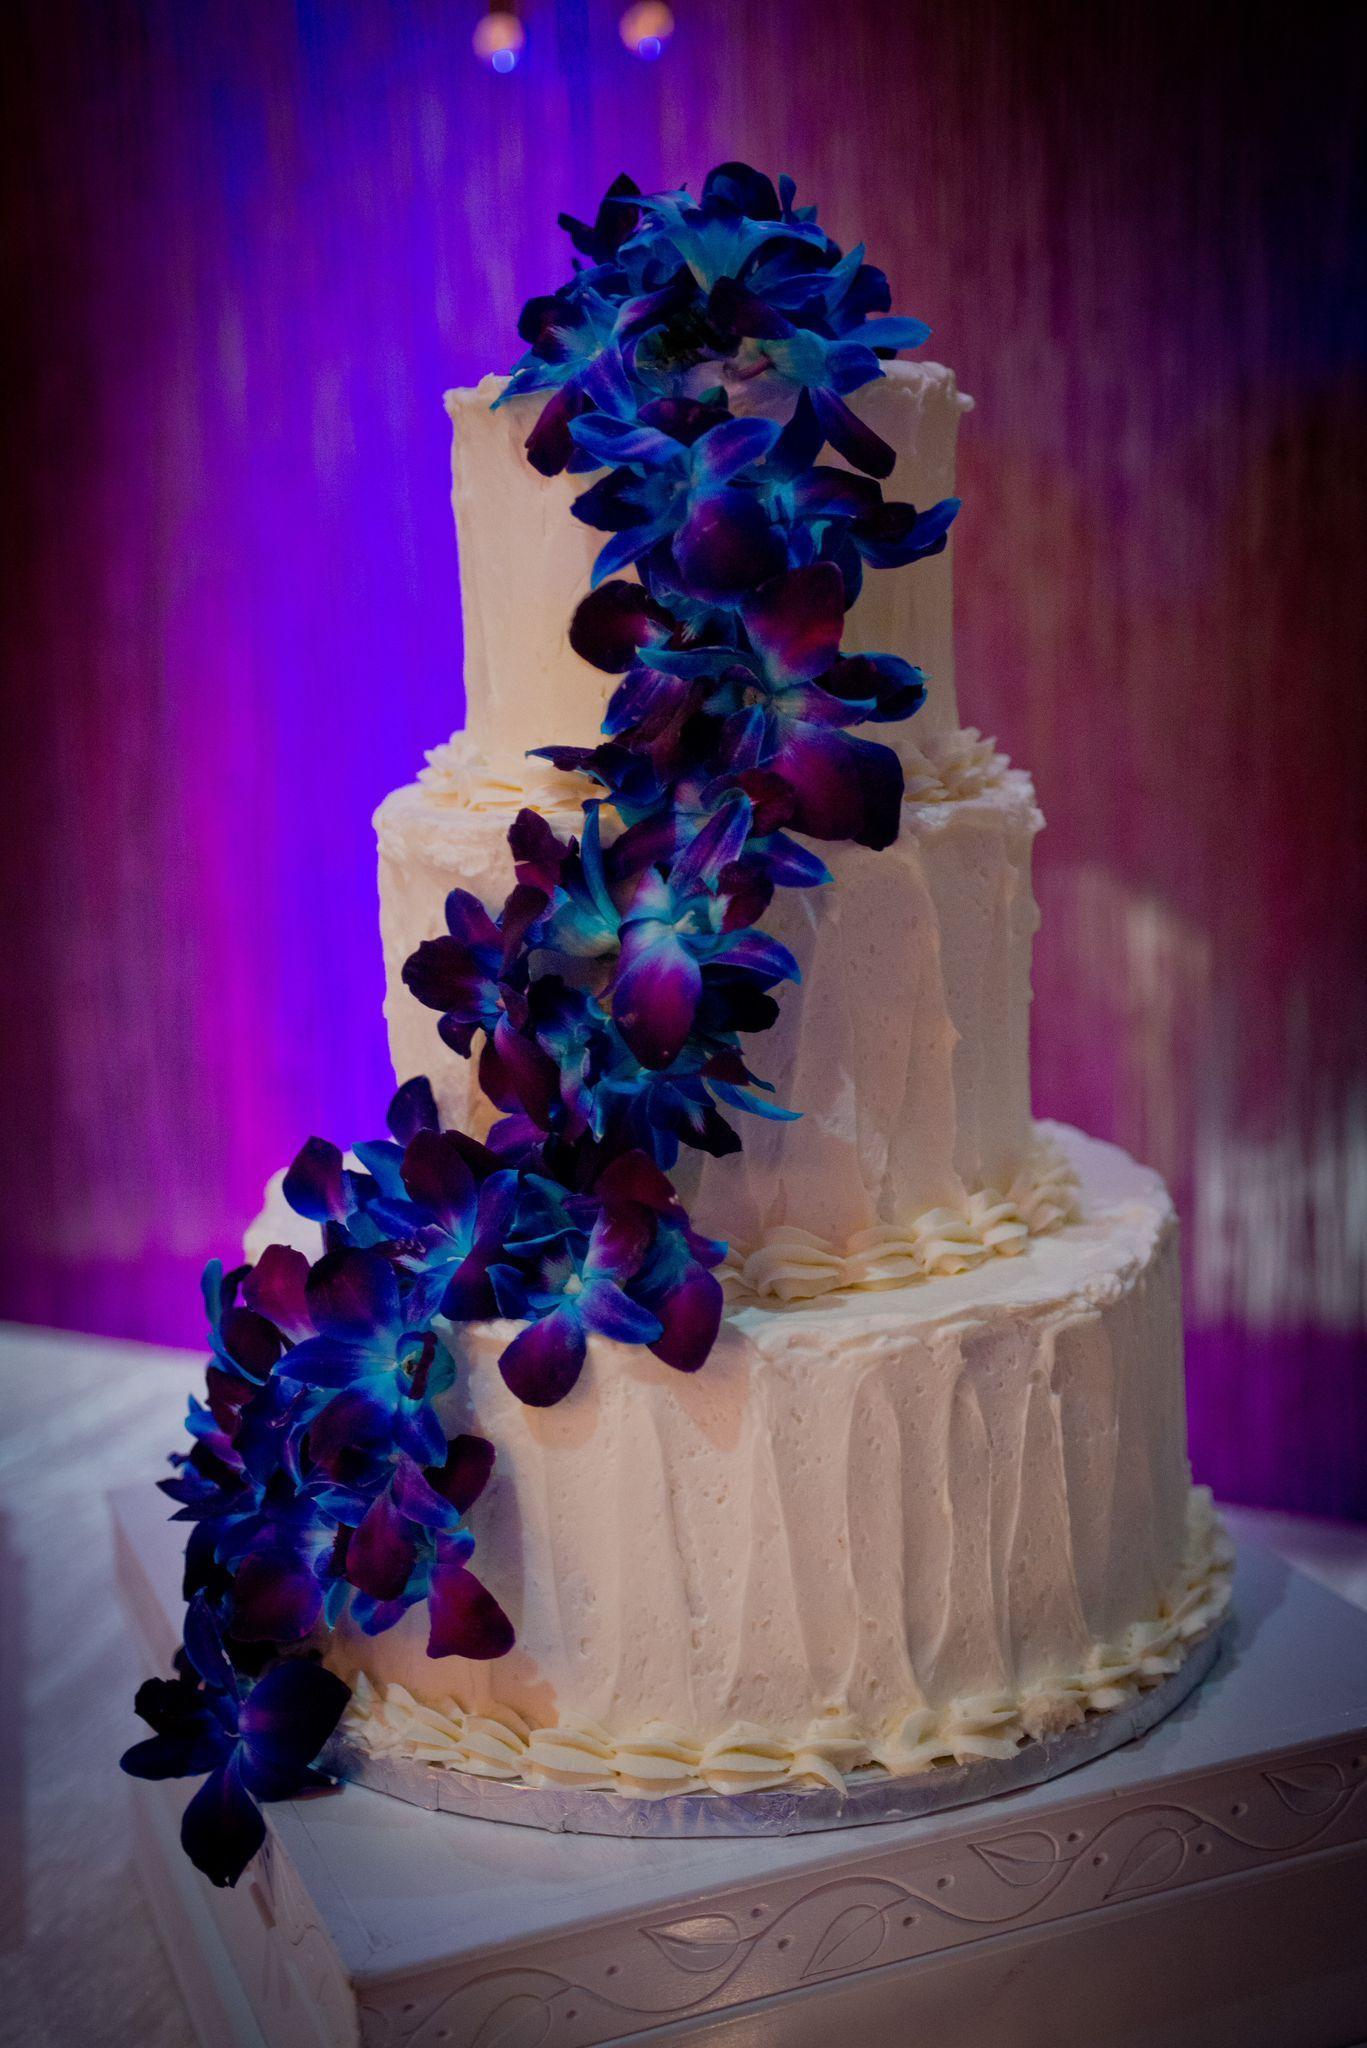 Las vegas wedding destination wedding venue cili